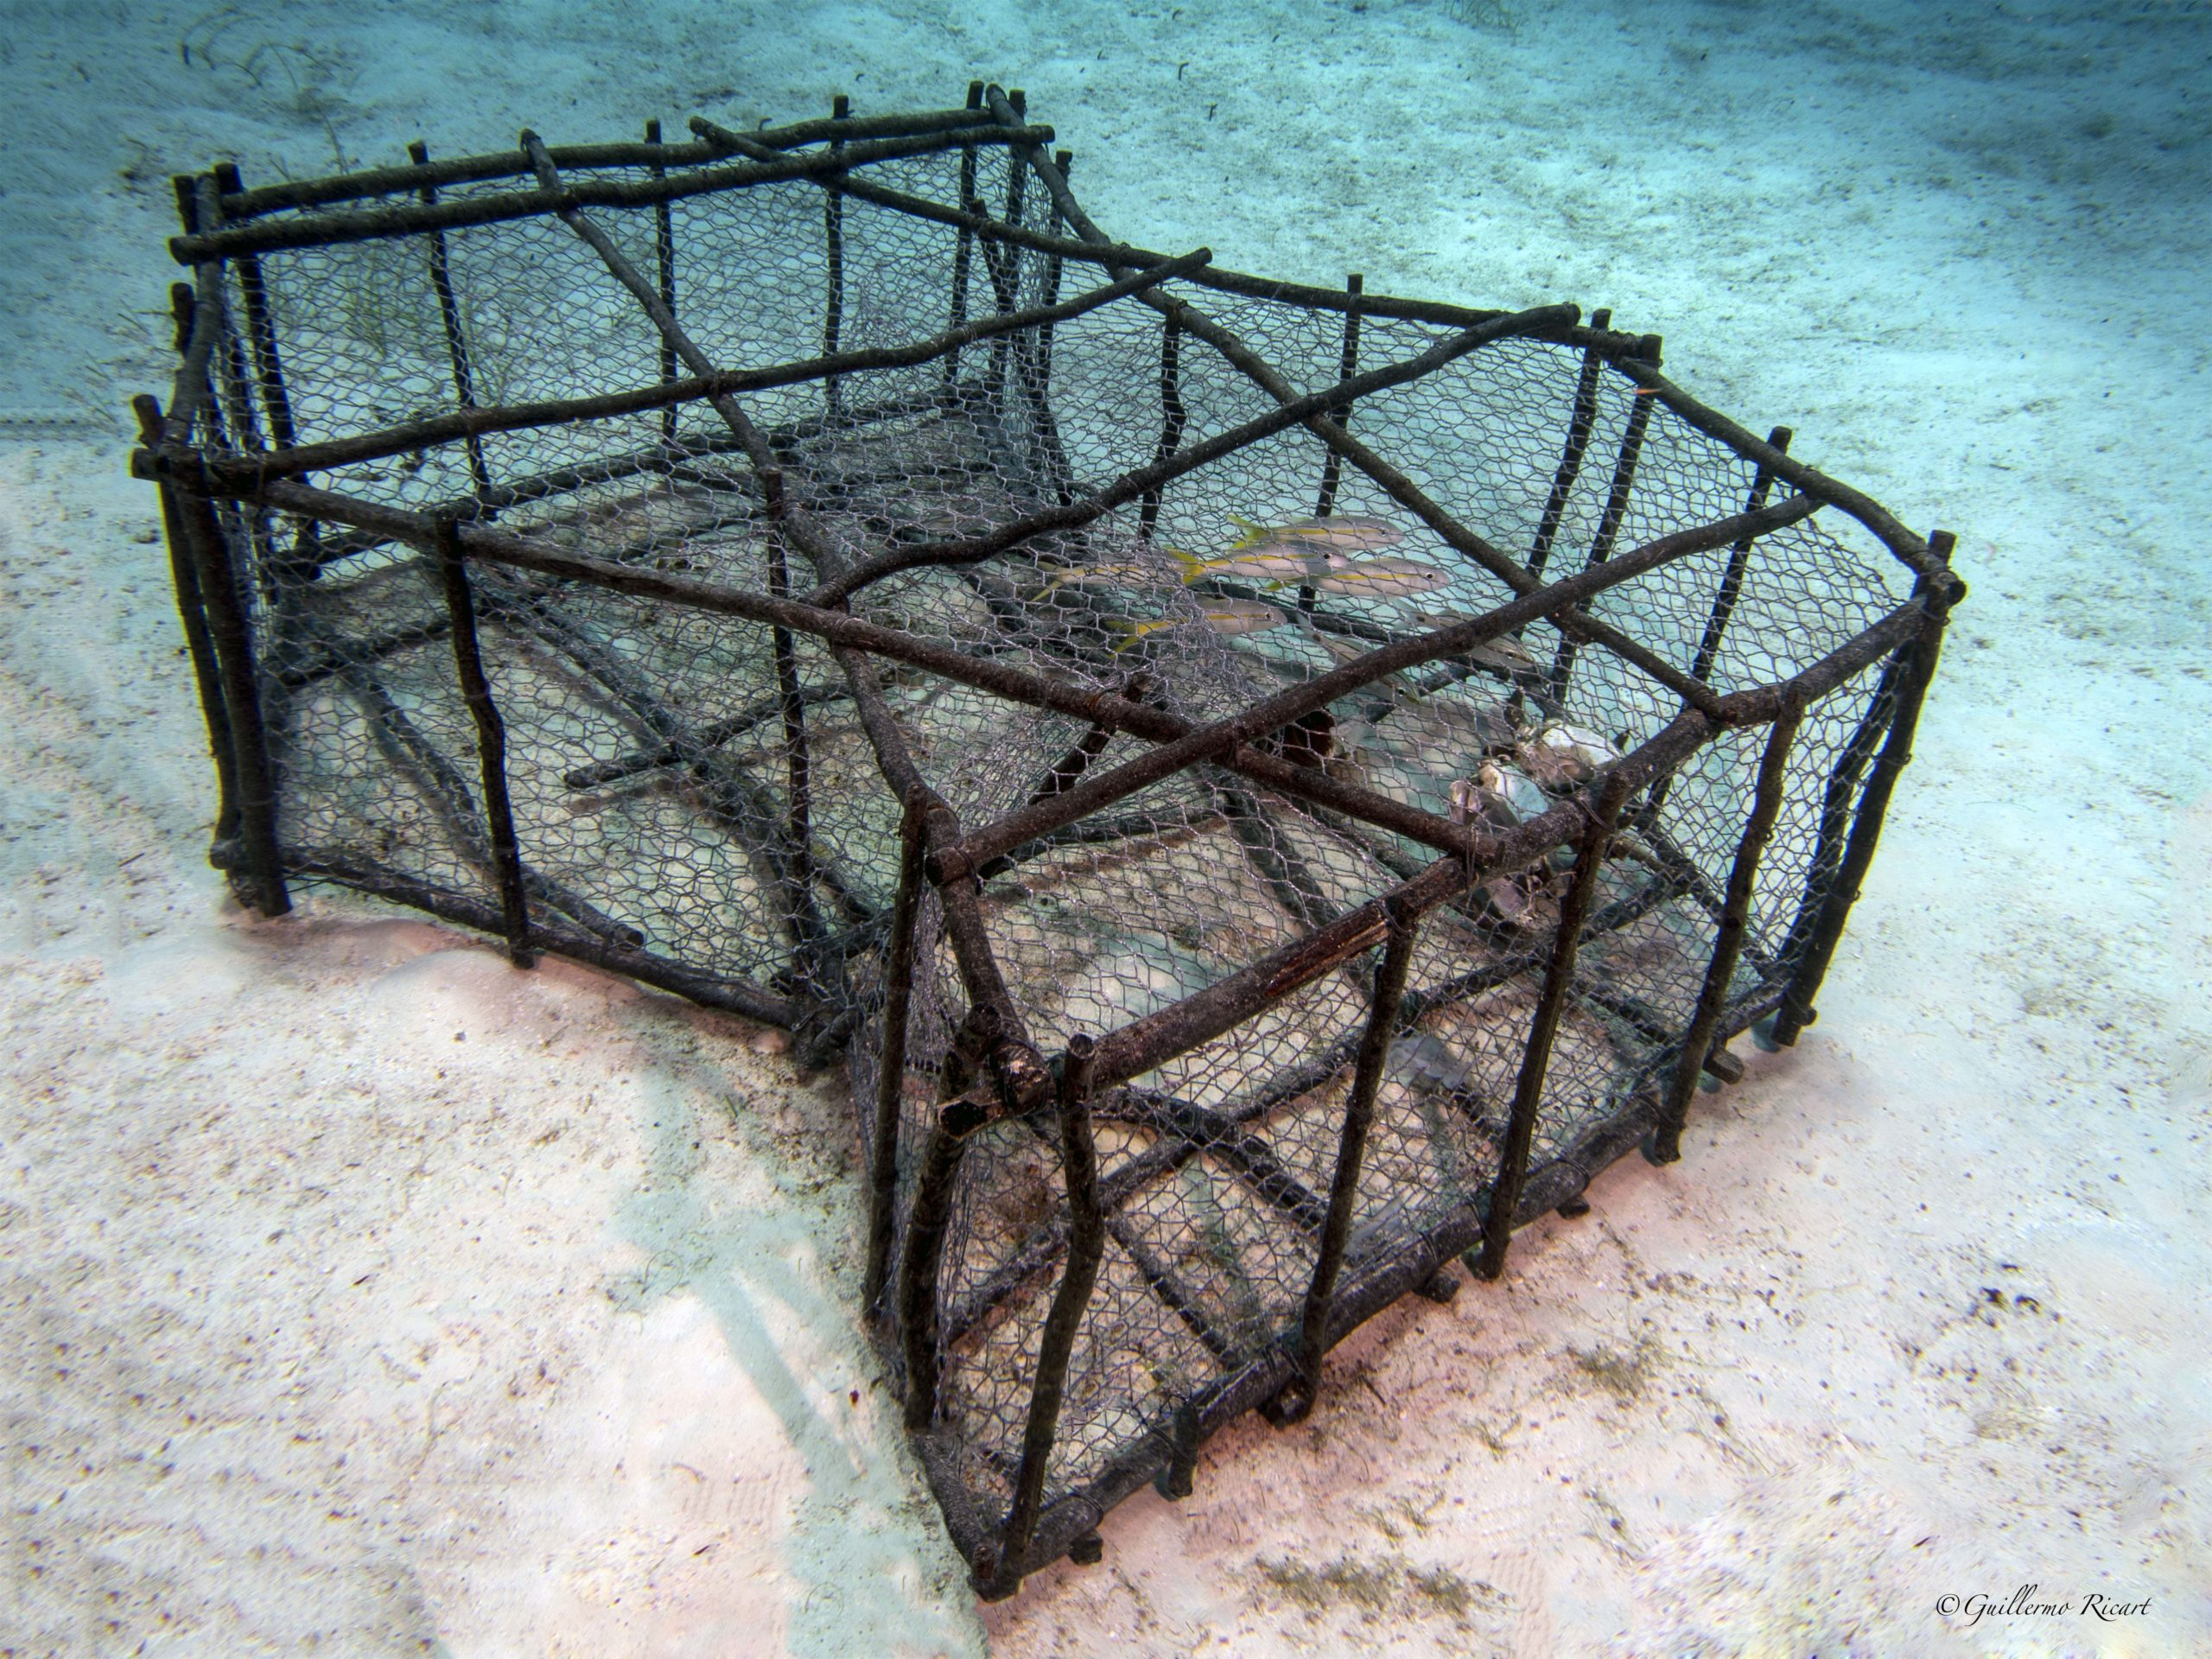 Nasa (trampa) abandonada, con criaturas marinas atrapadas. Los Frailes, Parque Nacional Jaragua.